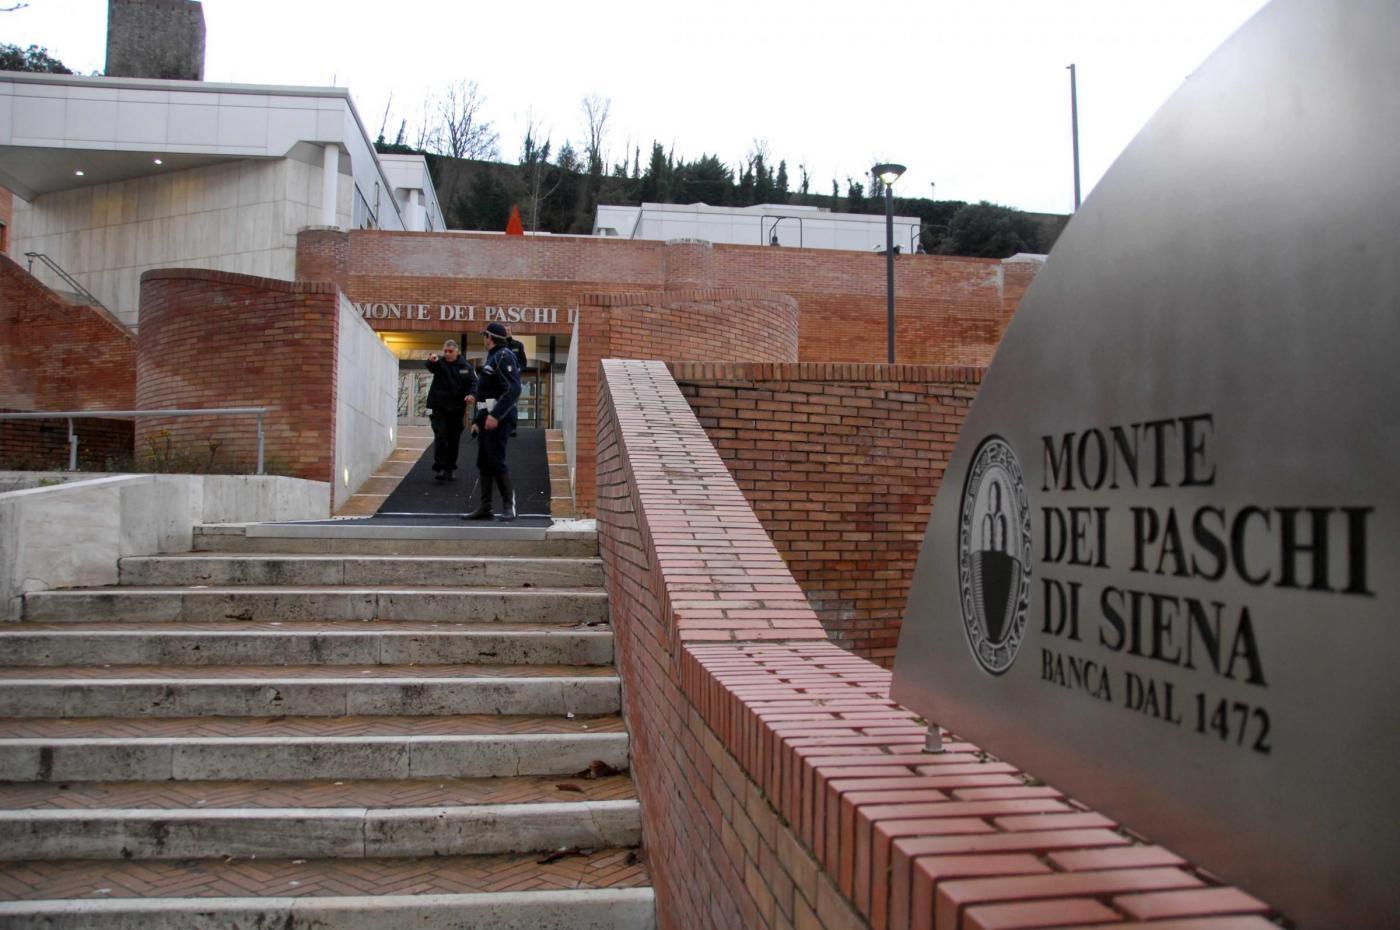 Monte dei Paschi: il caso ricorda da vicino la vicenda Banco di Napoli